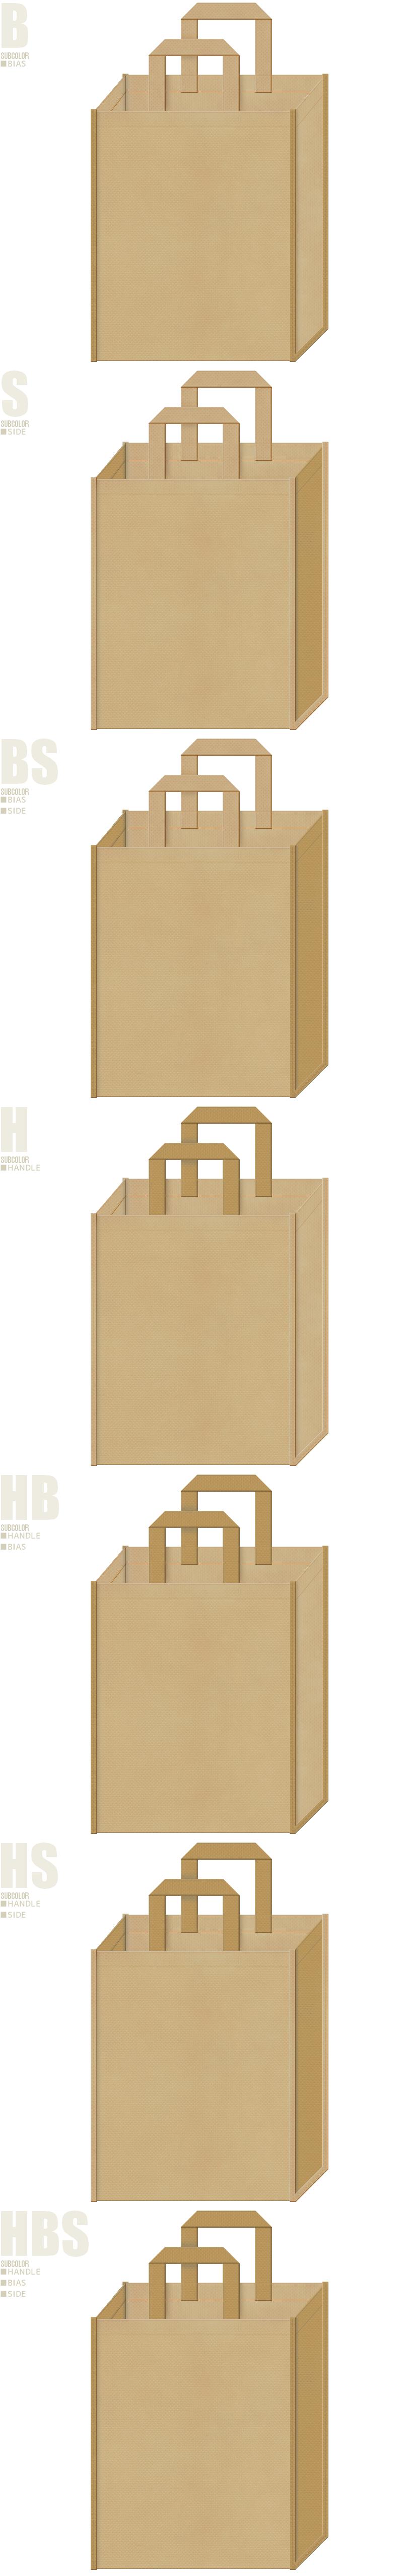 カーキ色と金色系黄土色、7パターンの不織布トートバッグ配色デザイン例。手芸、木工等を連想する不織布バッグにお奨めです。